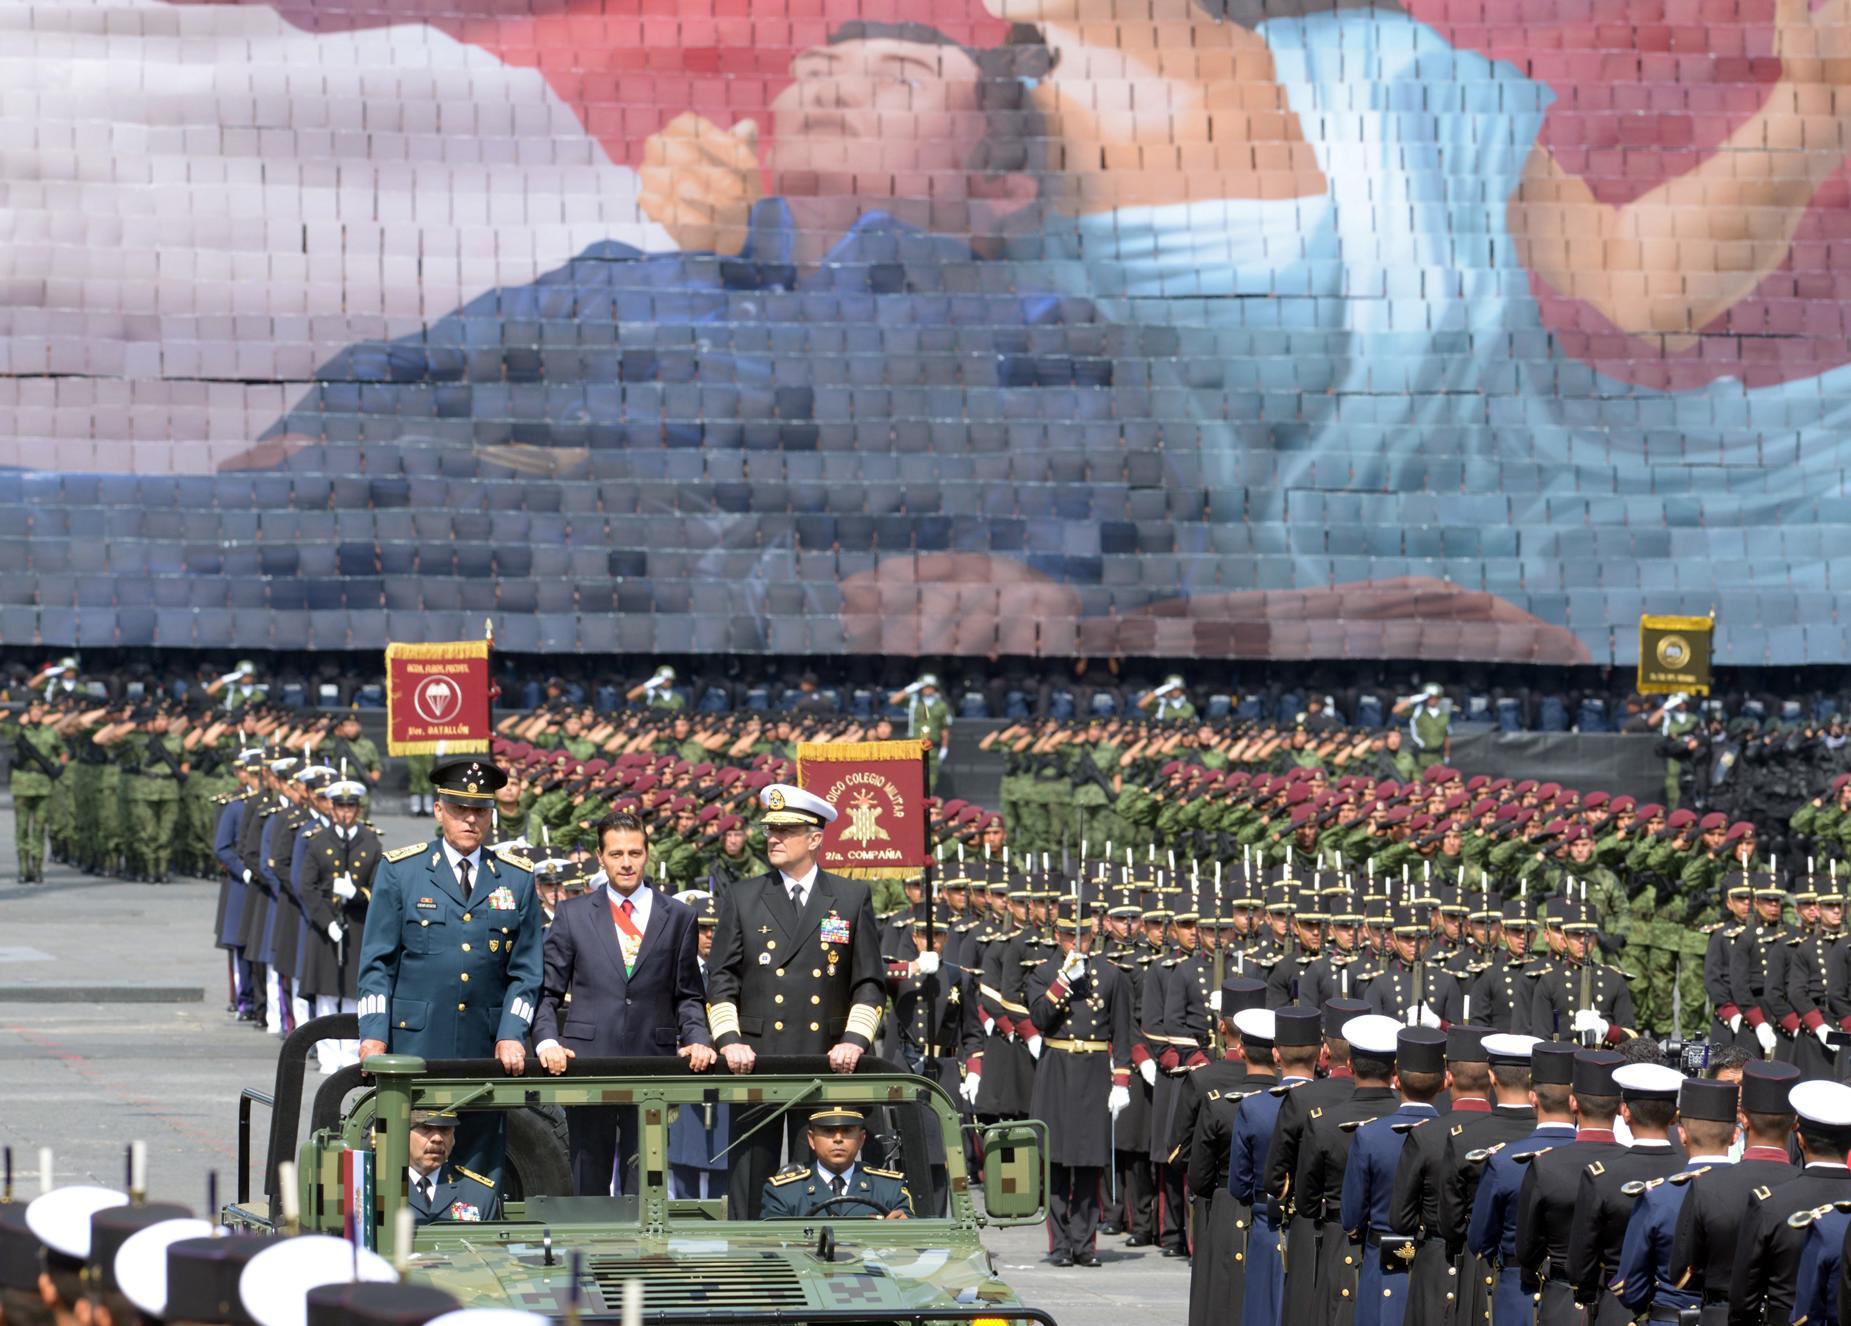 A lo largo de su recorrido, el Desfile Militar fue presenciado por una gran afluencia de familias que acudieron a observar la demostración de disciplina y gallardía de los elementos de las Fuerzas Armadas.